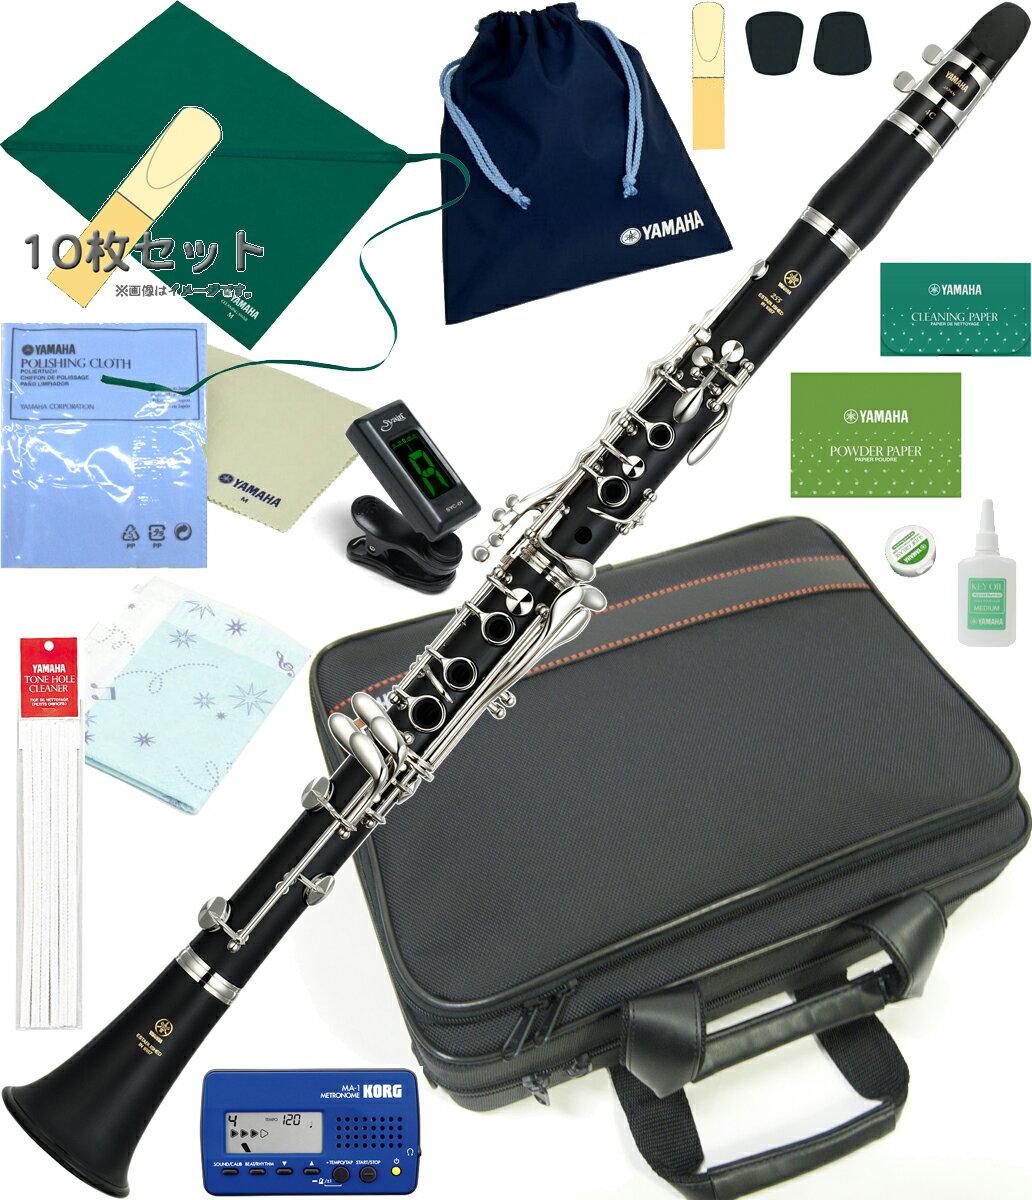 YAMAHA(ヤマハ)YCL-255クラリネット新品ABS樹脂製B♭管本体スタンダード初心者管楽器管